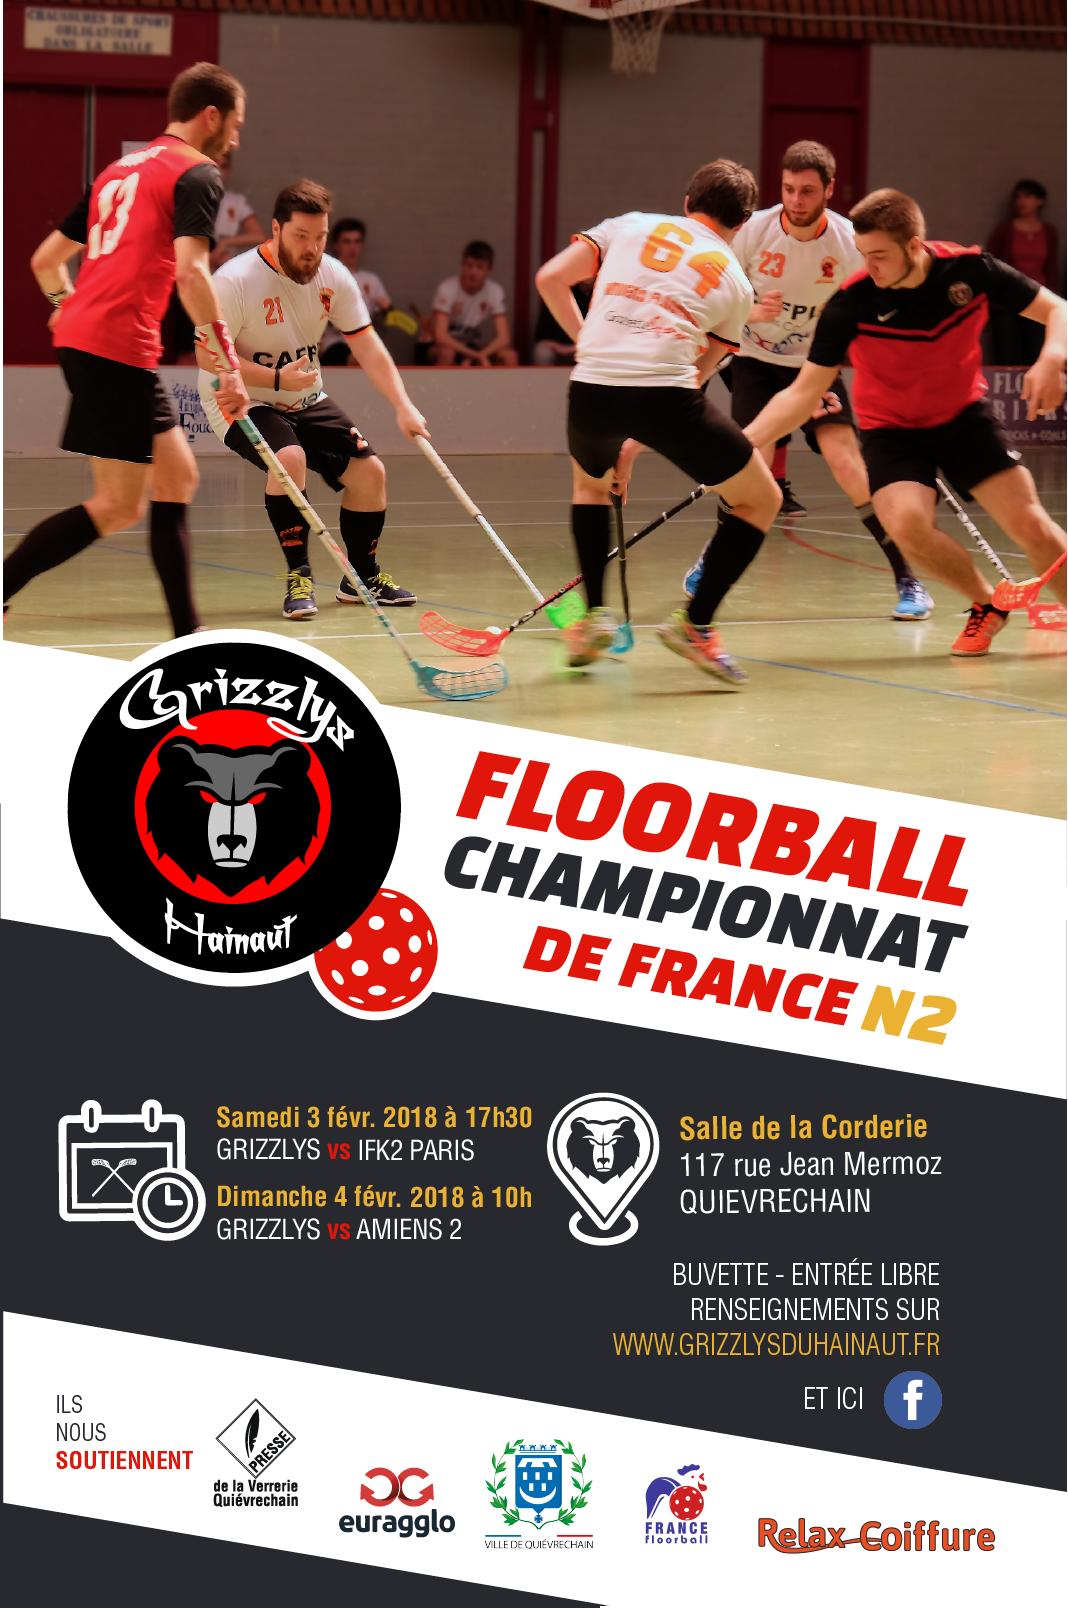 Championnat de France N2 - AFFICHE 2018